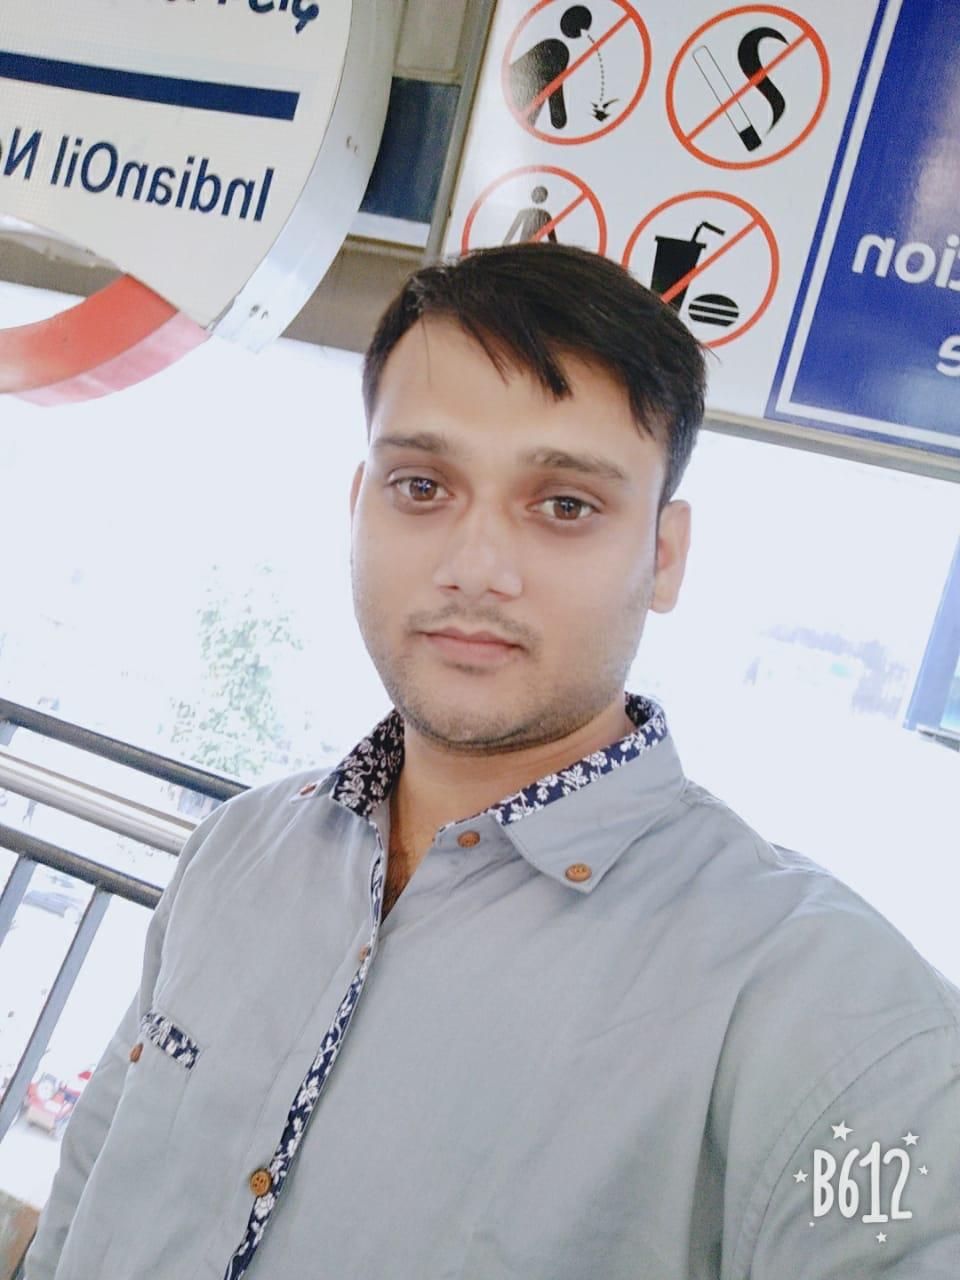 Sujit Kumar Pathak